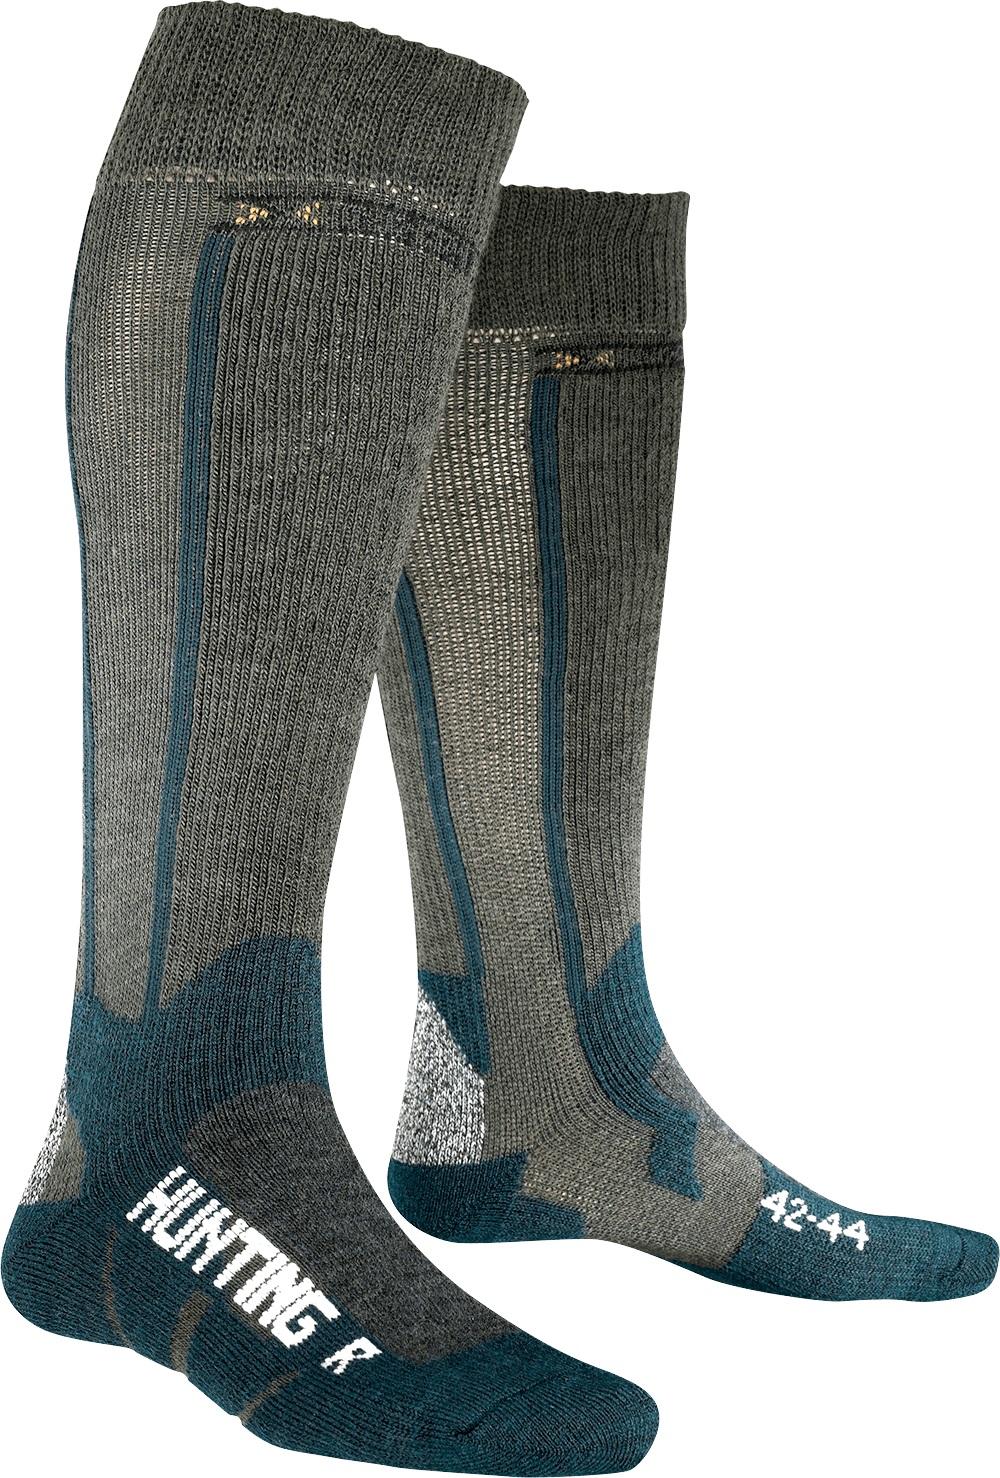 Купить Носки X-Bionic 2016-17 X-SOCKS HUNTING LG E017 / Зеленый, Носки, 1277621